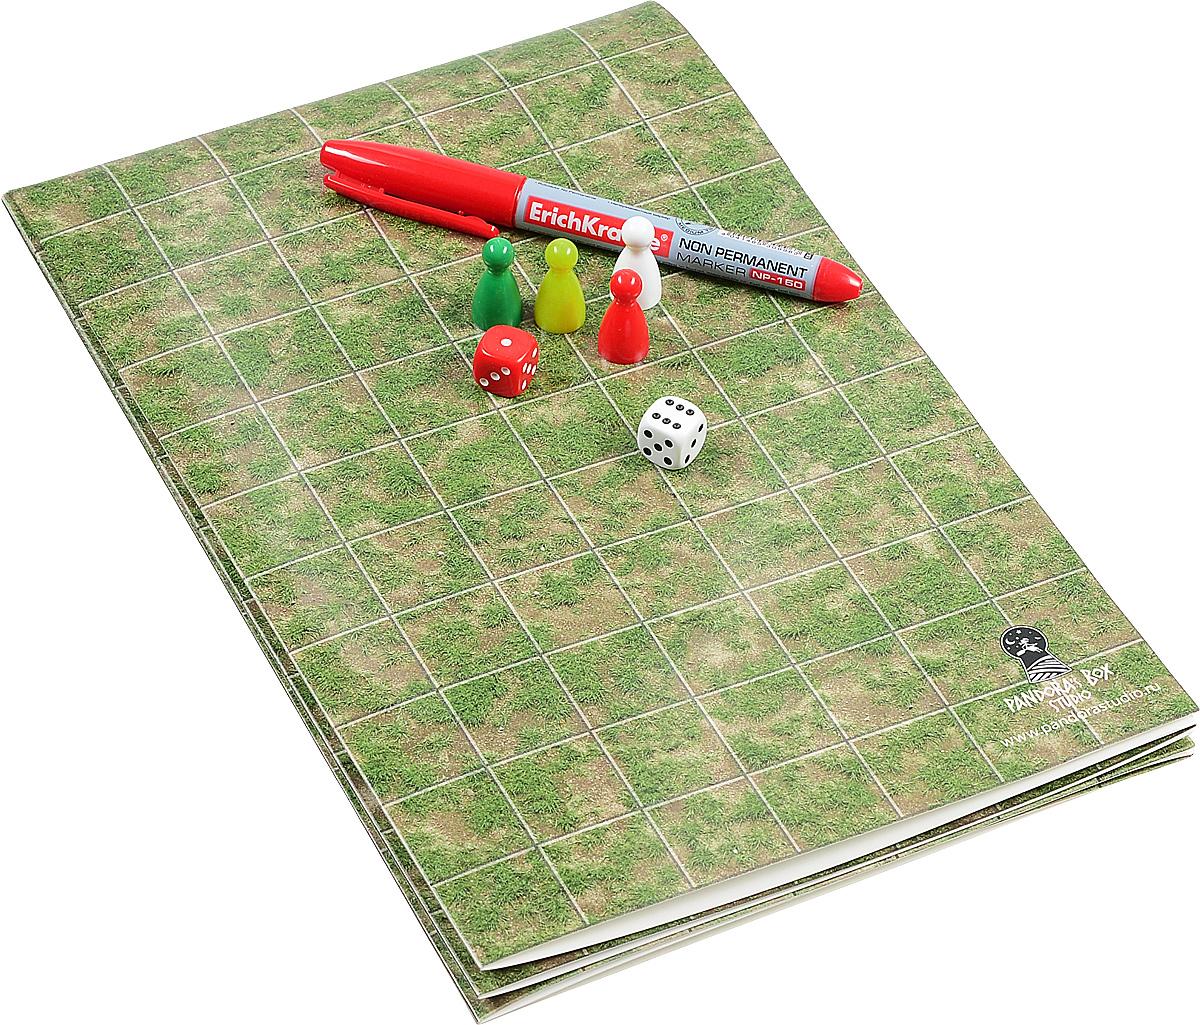 Pandoras Box Игра-бродилка Создай свое приключение Трава и земля07PB005Игровой комплект Pandoras Box содержит: раскладное игровое поле, 2 шестигранных кубика; 4 фишки; маркер для нанесения приключения, инструкция. Одна сторона игрового поля размечена квадратами размером 25 мм х 25 мм. Другая сторона: белый ламинированный лист. На поверхности поля необходимо рисовать неперманентным маркером на водной основе, что позволит стирать рисунки без следа Игра формата бродилка имеет свои плюсы и минусы. Главный минус бродилок-они быстро надоедают. С нашим набором - это становится невозможно! Бесконечное количество тем, которые вы можете подобрать ребенку в зависимости от задач обучения: и космические просторы, и пиратские приключения, и приключение в мир математики, английского языка и прочее, прочее, прочее. Итак, как же создать игру бродилку! Мы приведем ниже шаги, которые сориентируют вас: Шаг 1. Выберите тему бродилки и ее задачи. Лучше руководствоваться современными тенденциями: то, что в данный момент интересно...